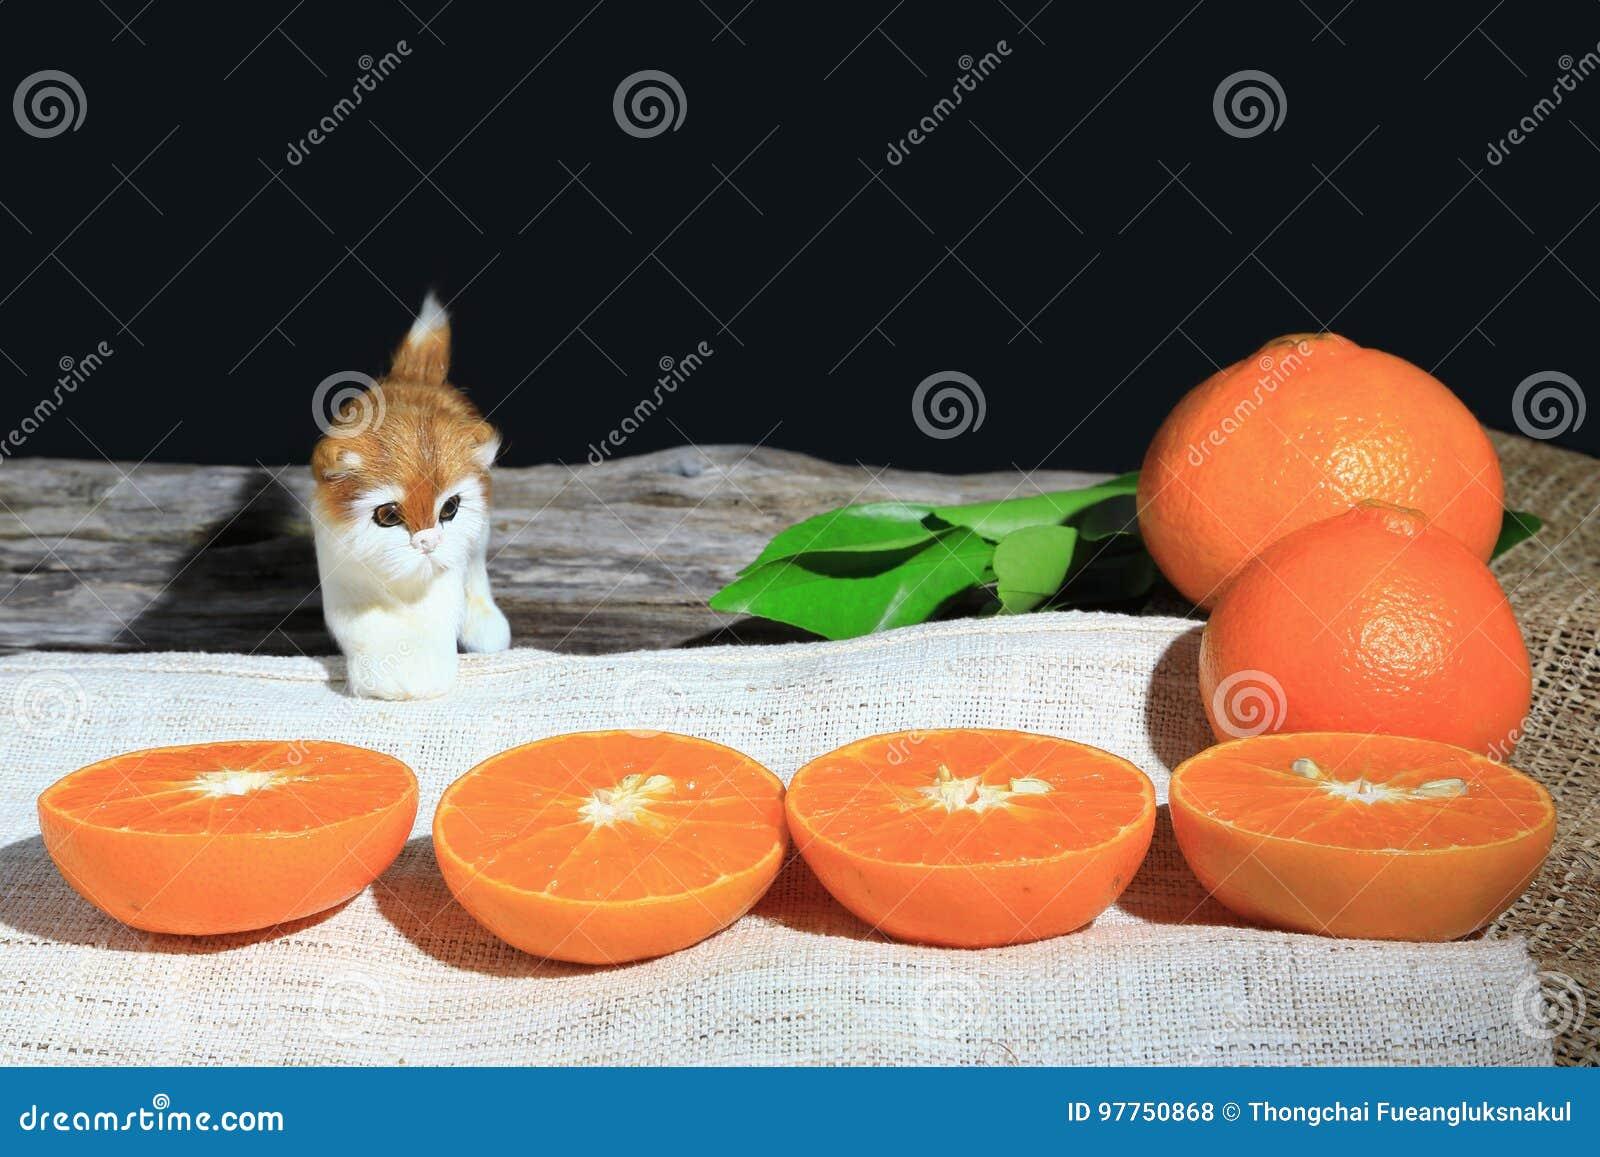 Pomarańczowe mandarynki lub tangerine owoc z zielonymi liśćmi i małym kotem na drewnianej deski tle,